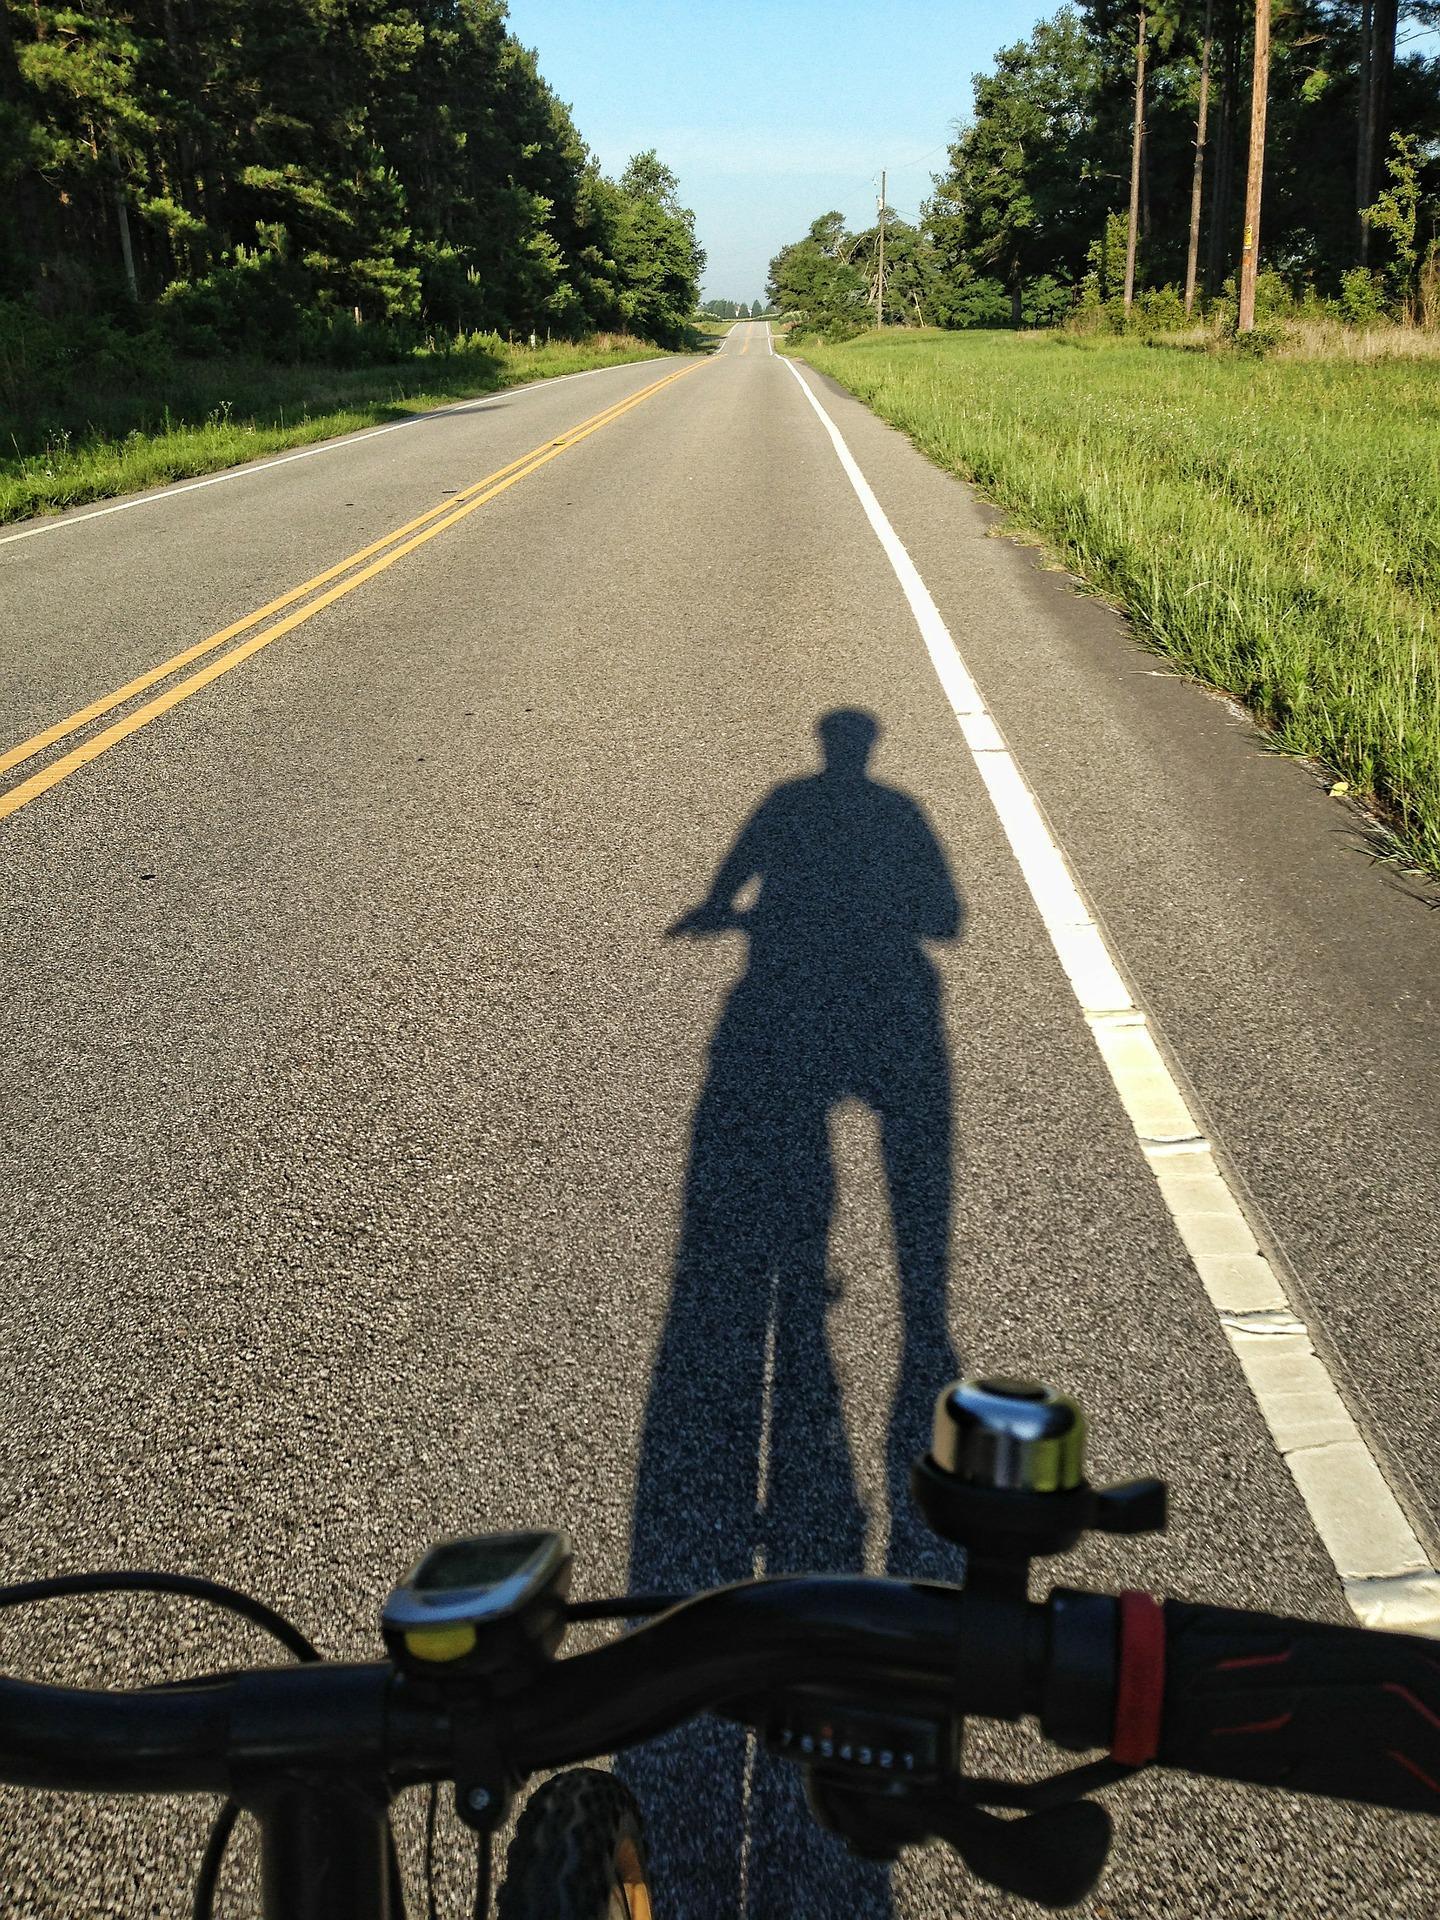 Shadow of a cyclist